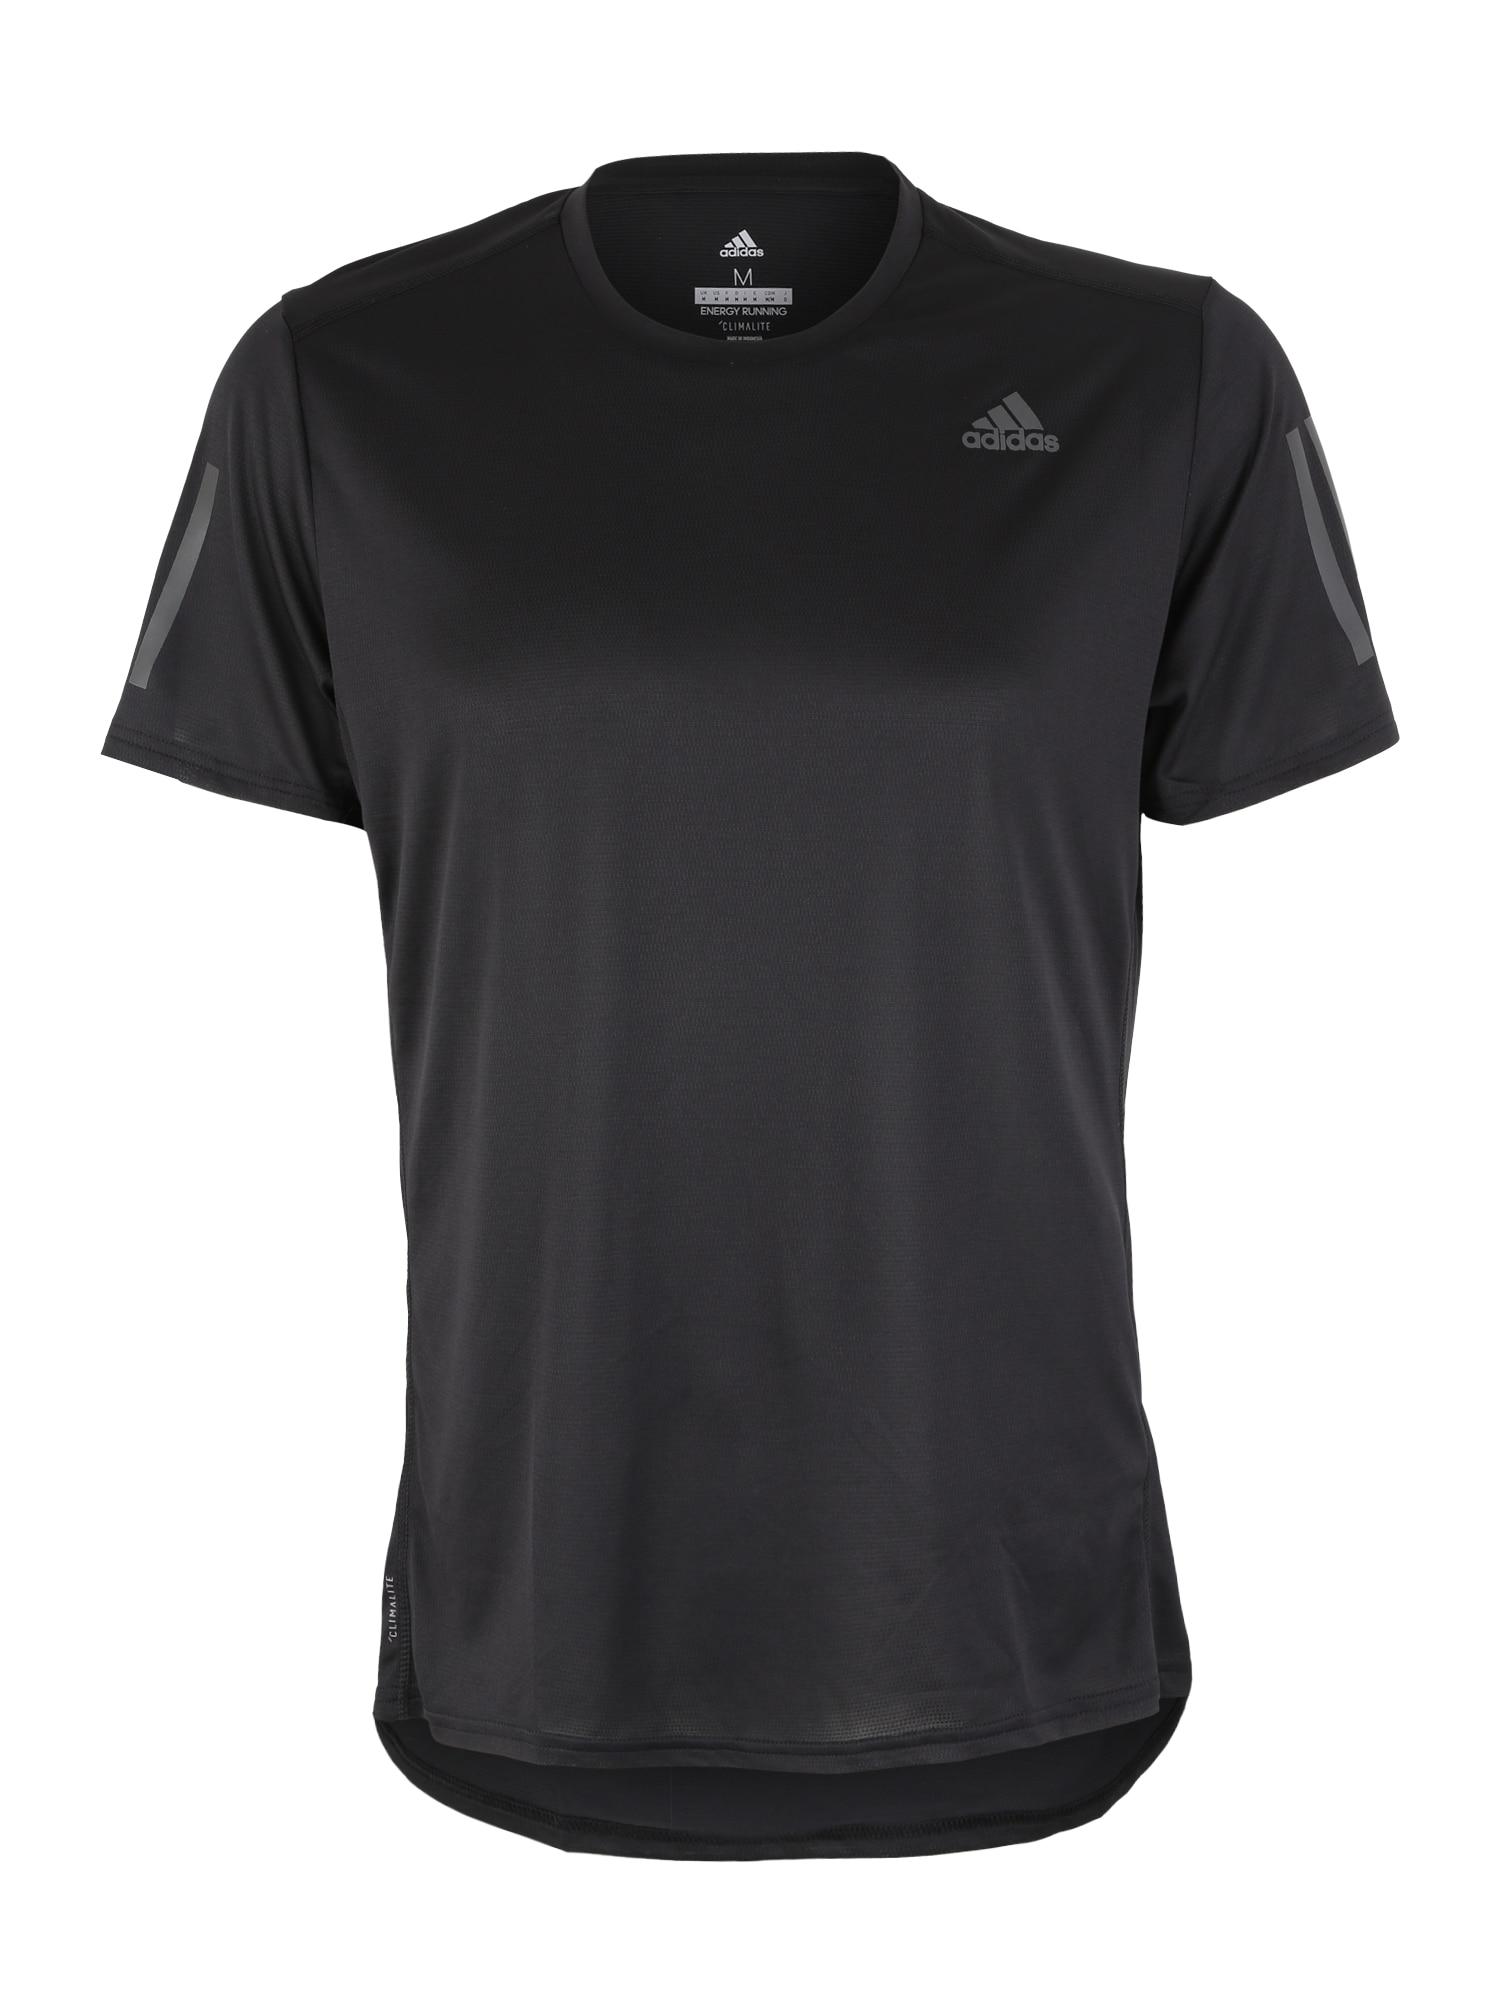 ADIDAS PERFORMANCE Sportiniai marškinėliai 'RS COOLER' juoda